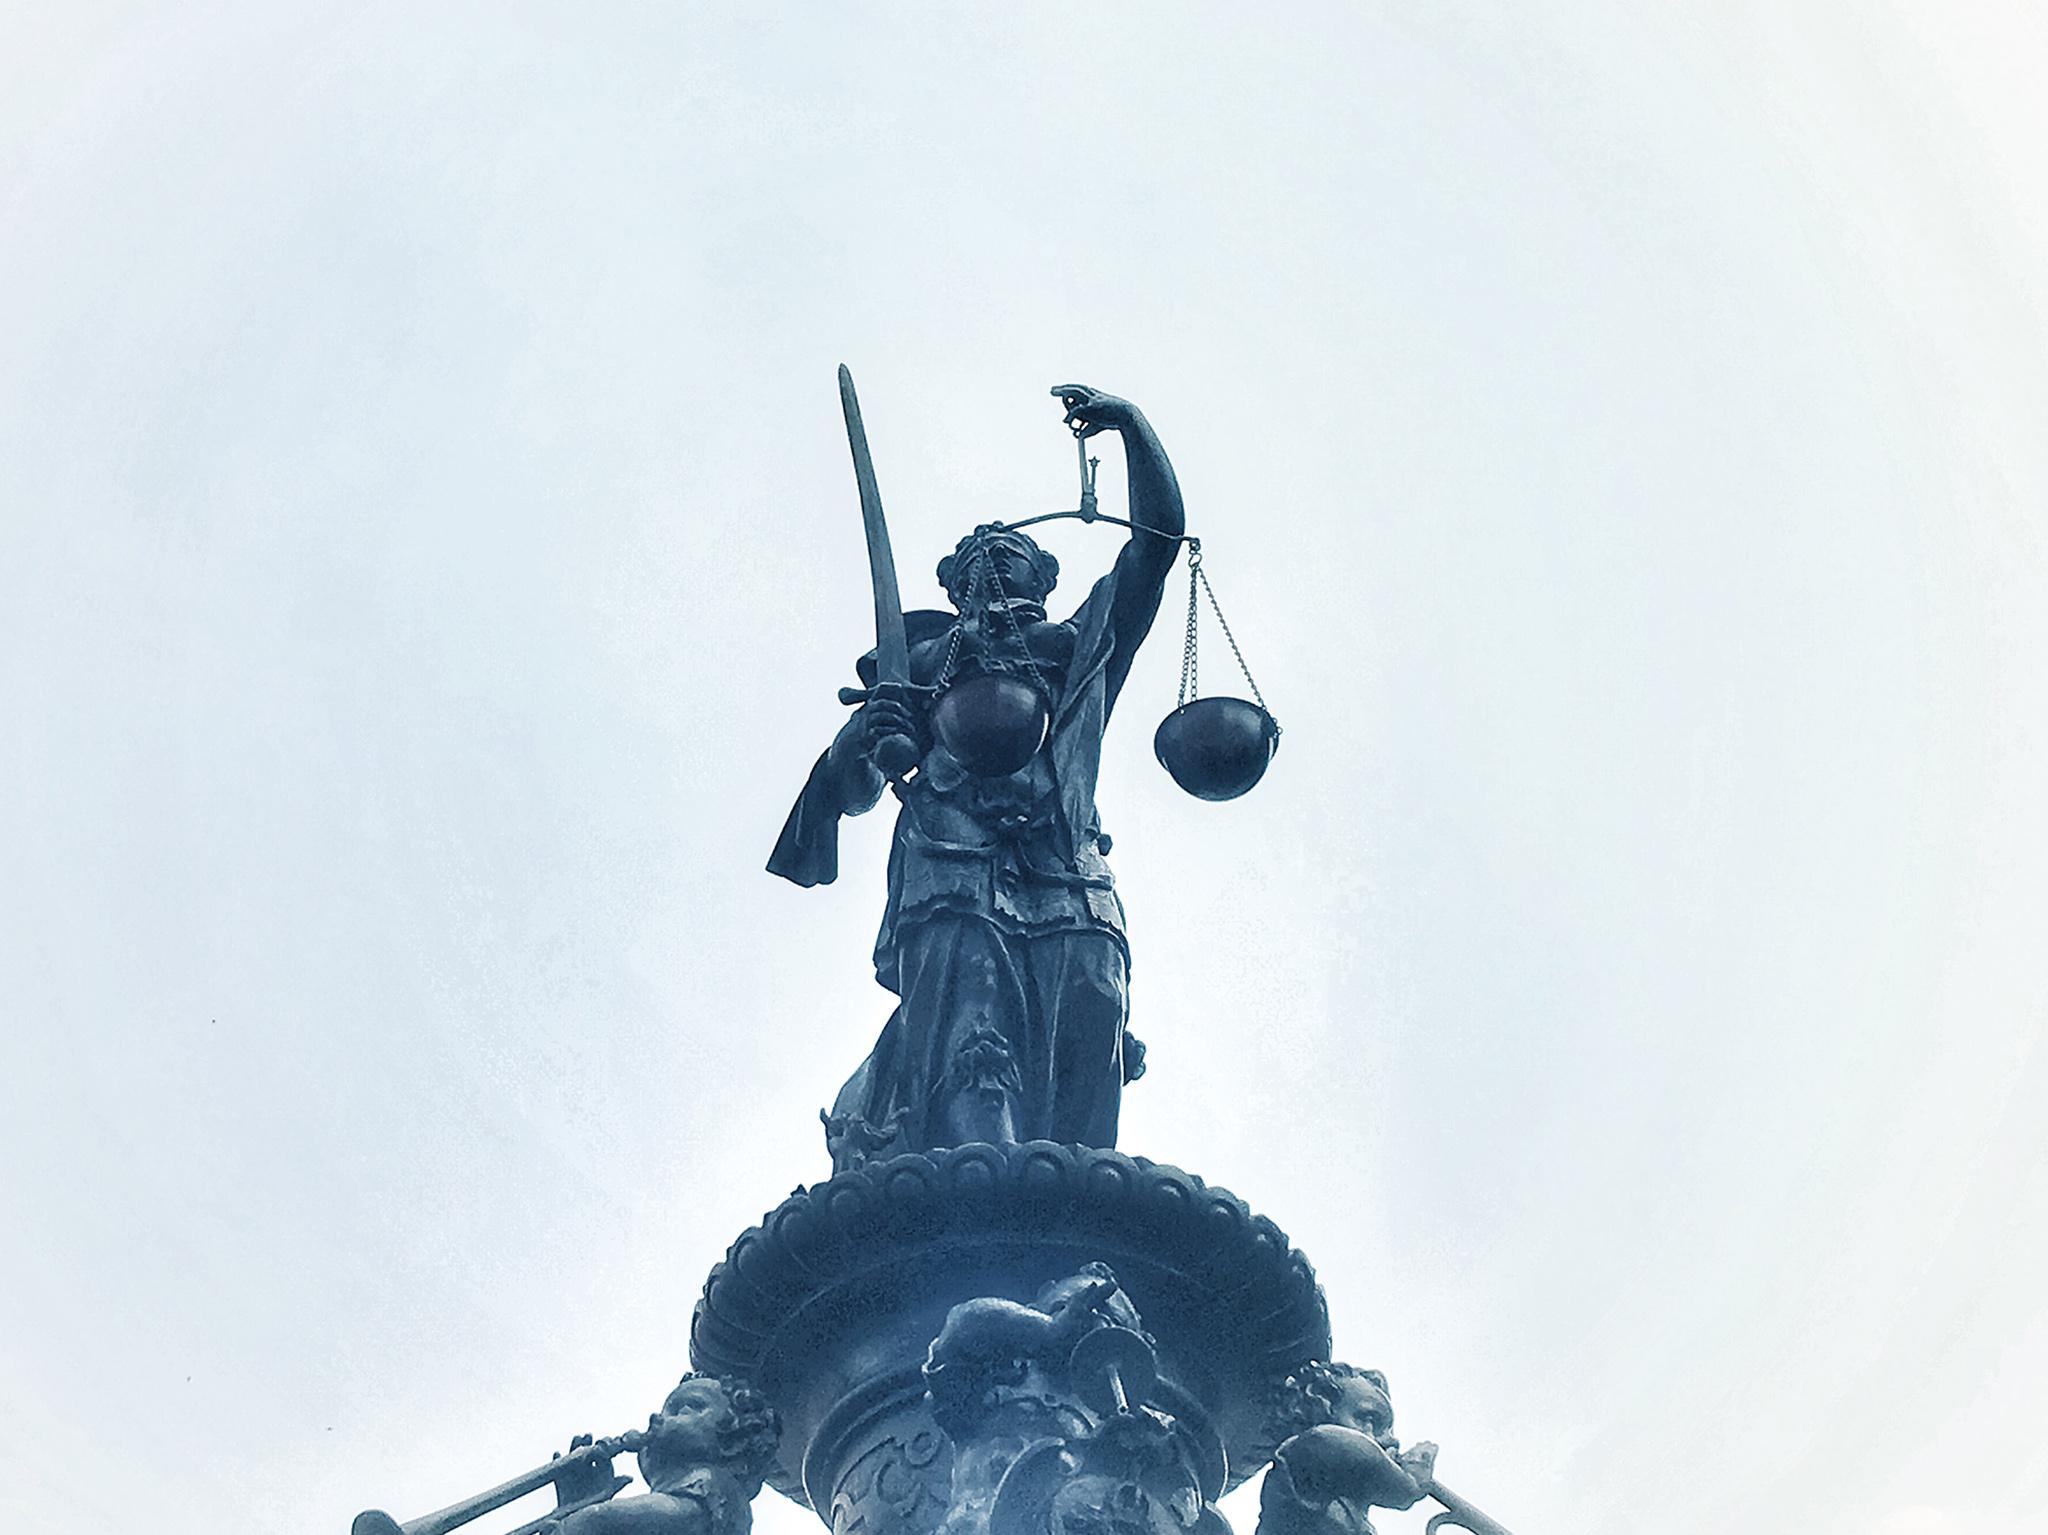 GLOBAL - Gericht, Recht, Justiz,